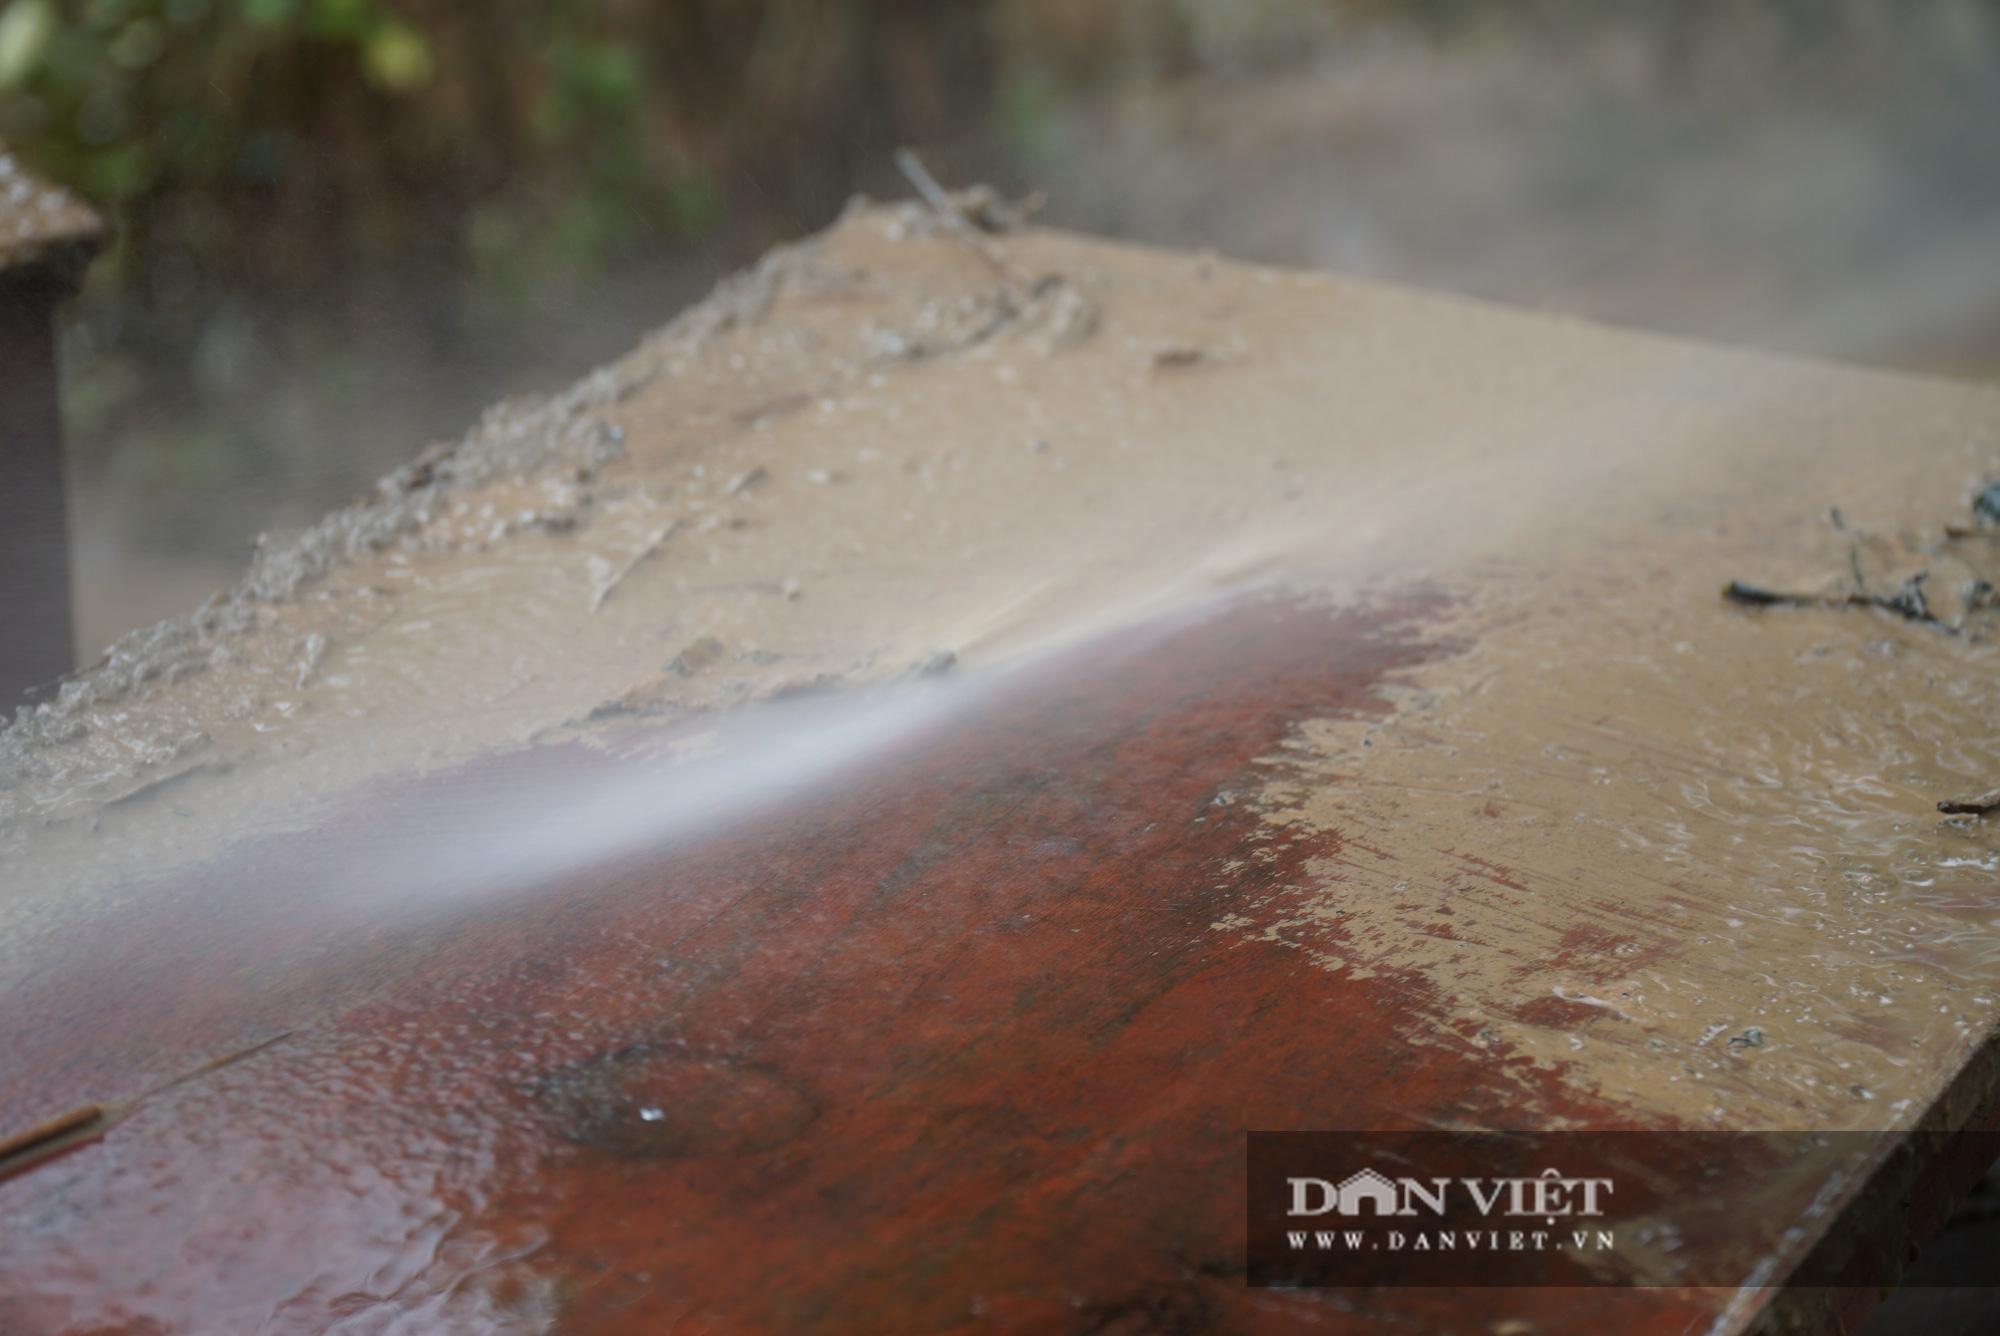 Quảng trị: Các trường học được hỗ trợ máy rửa bùn non sau bão lũ - Ảnh 11.